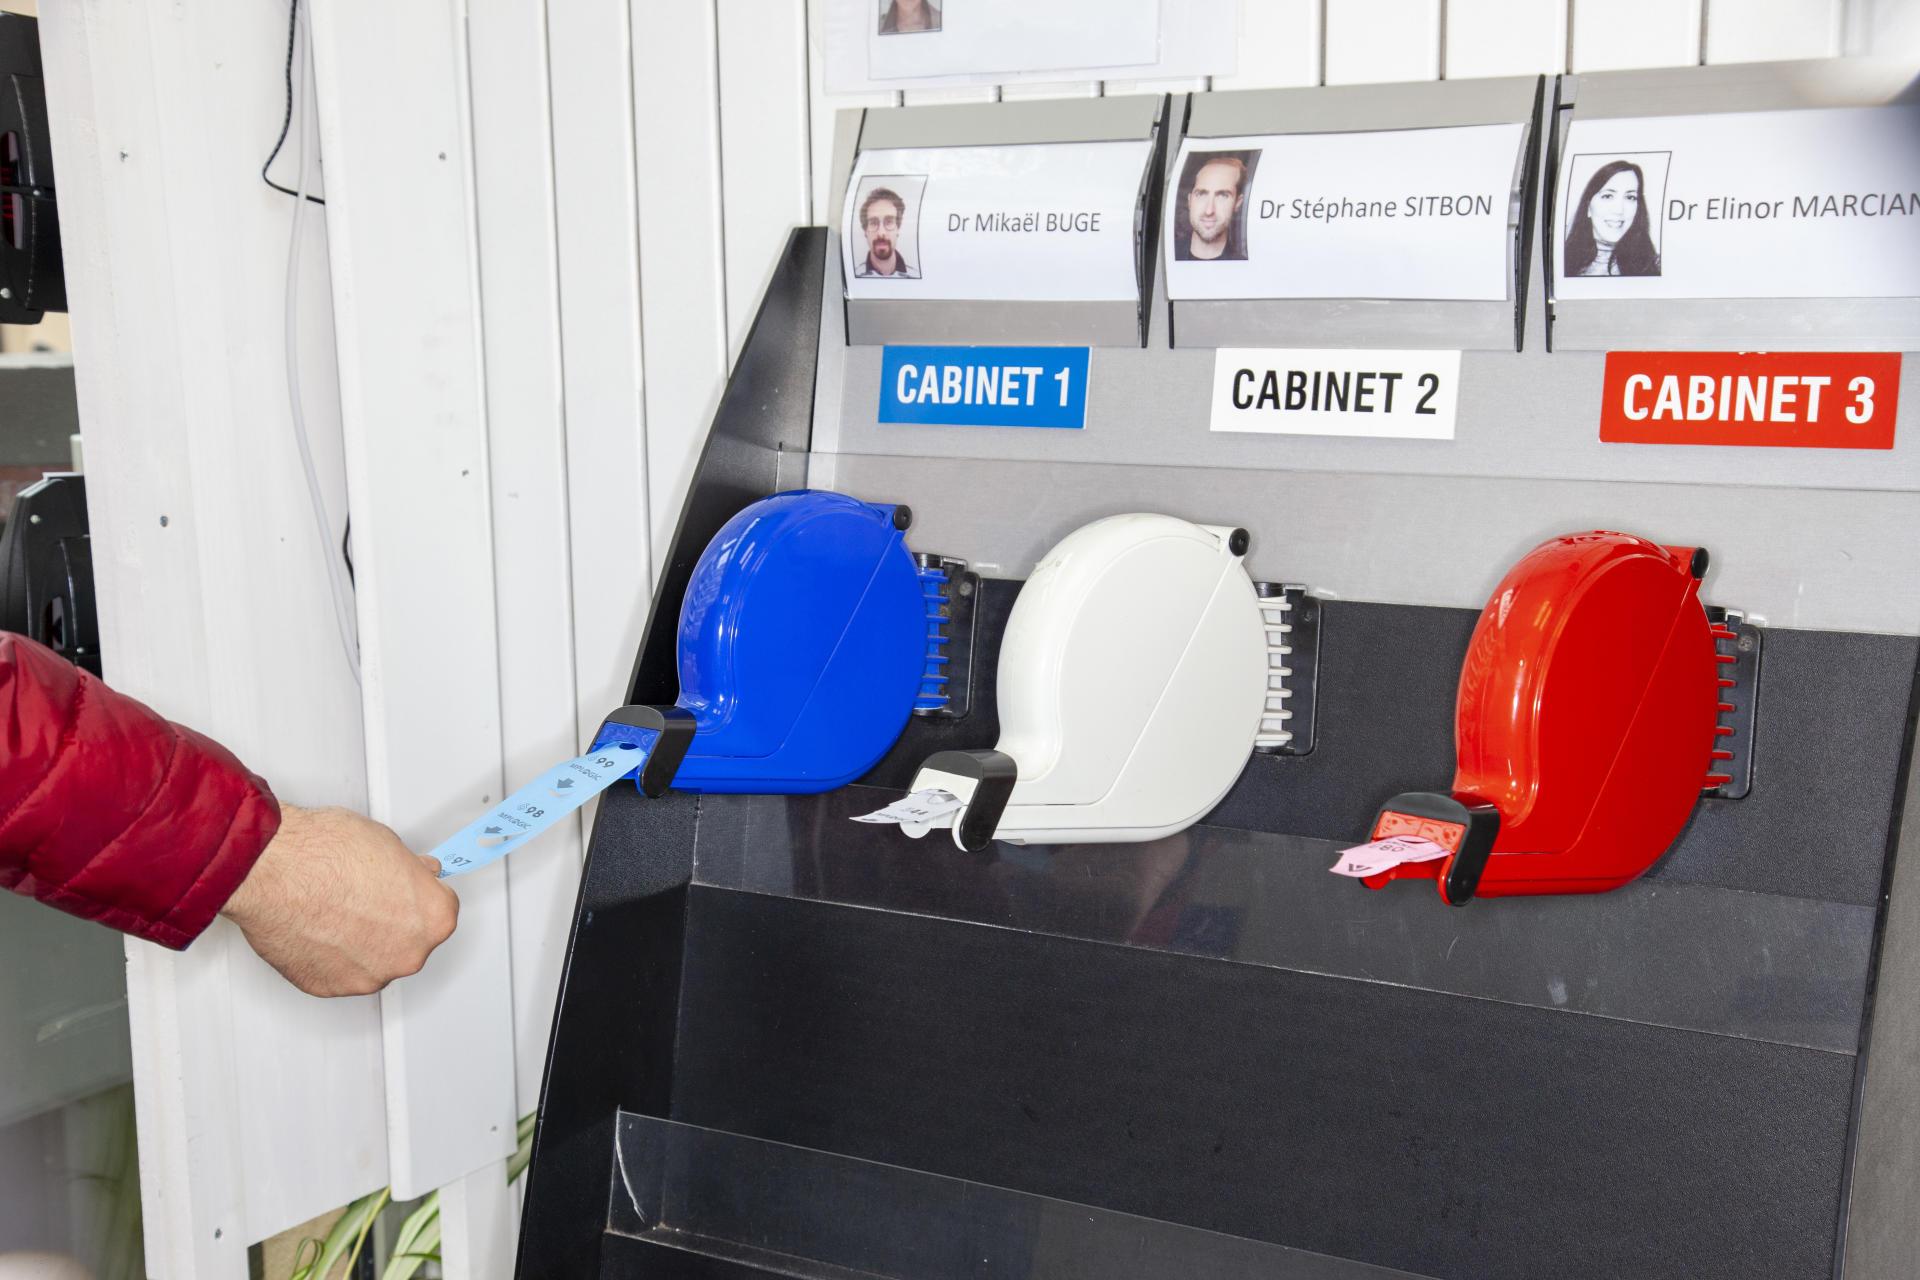 Le distributeur de tickets pour l'attente, chaque couleur correspond à un médecin généraliste, dans un cabinet du 19earrondissement de Paris.